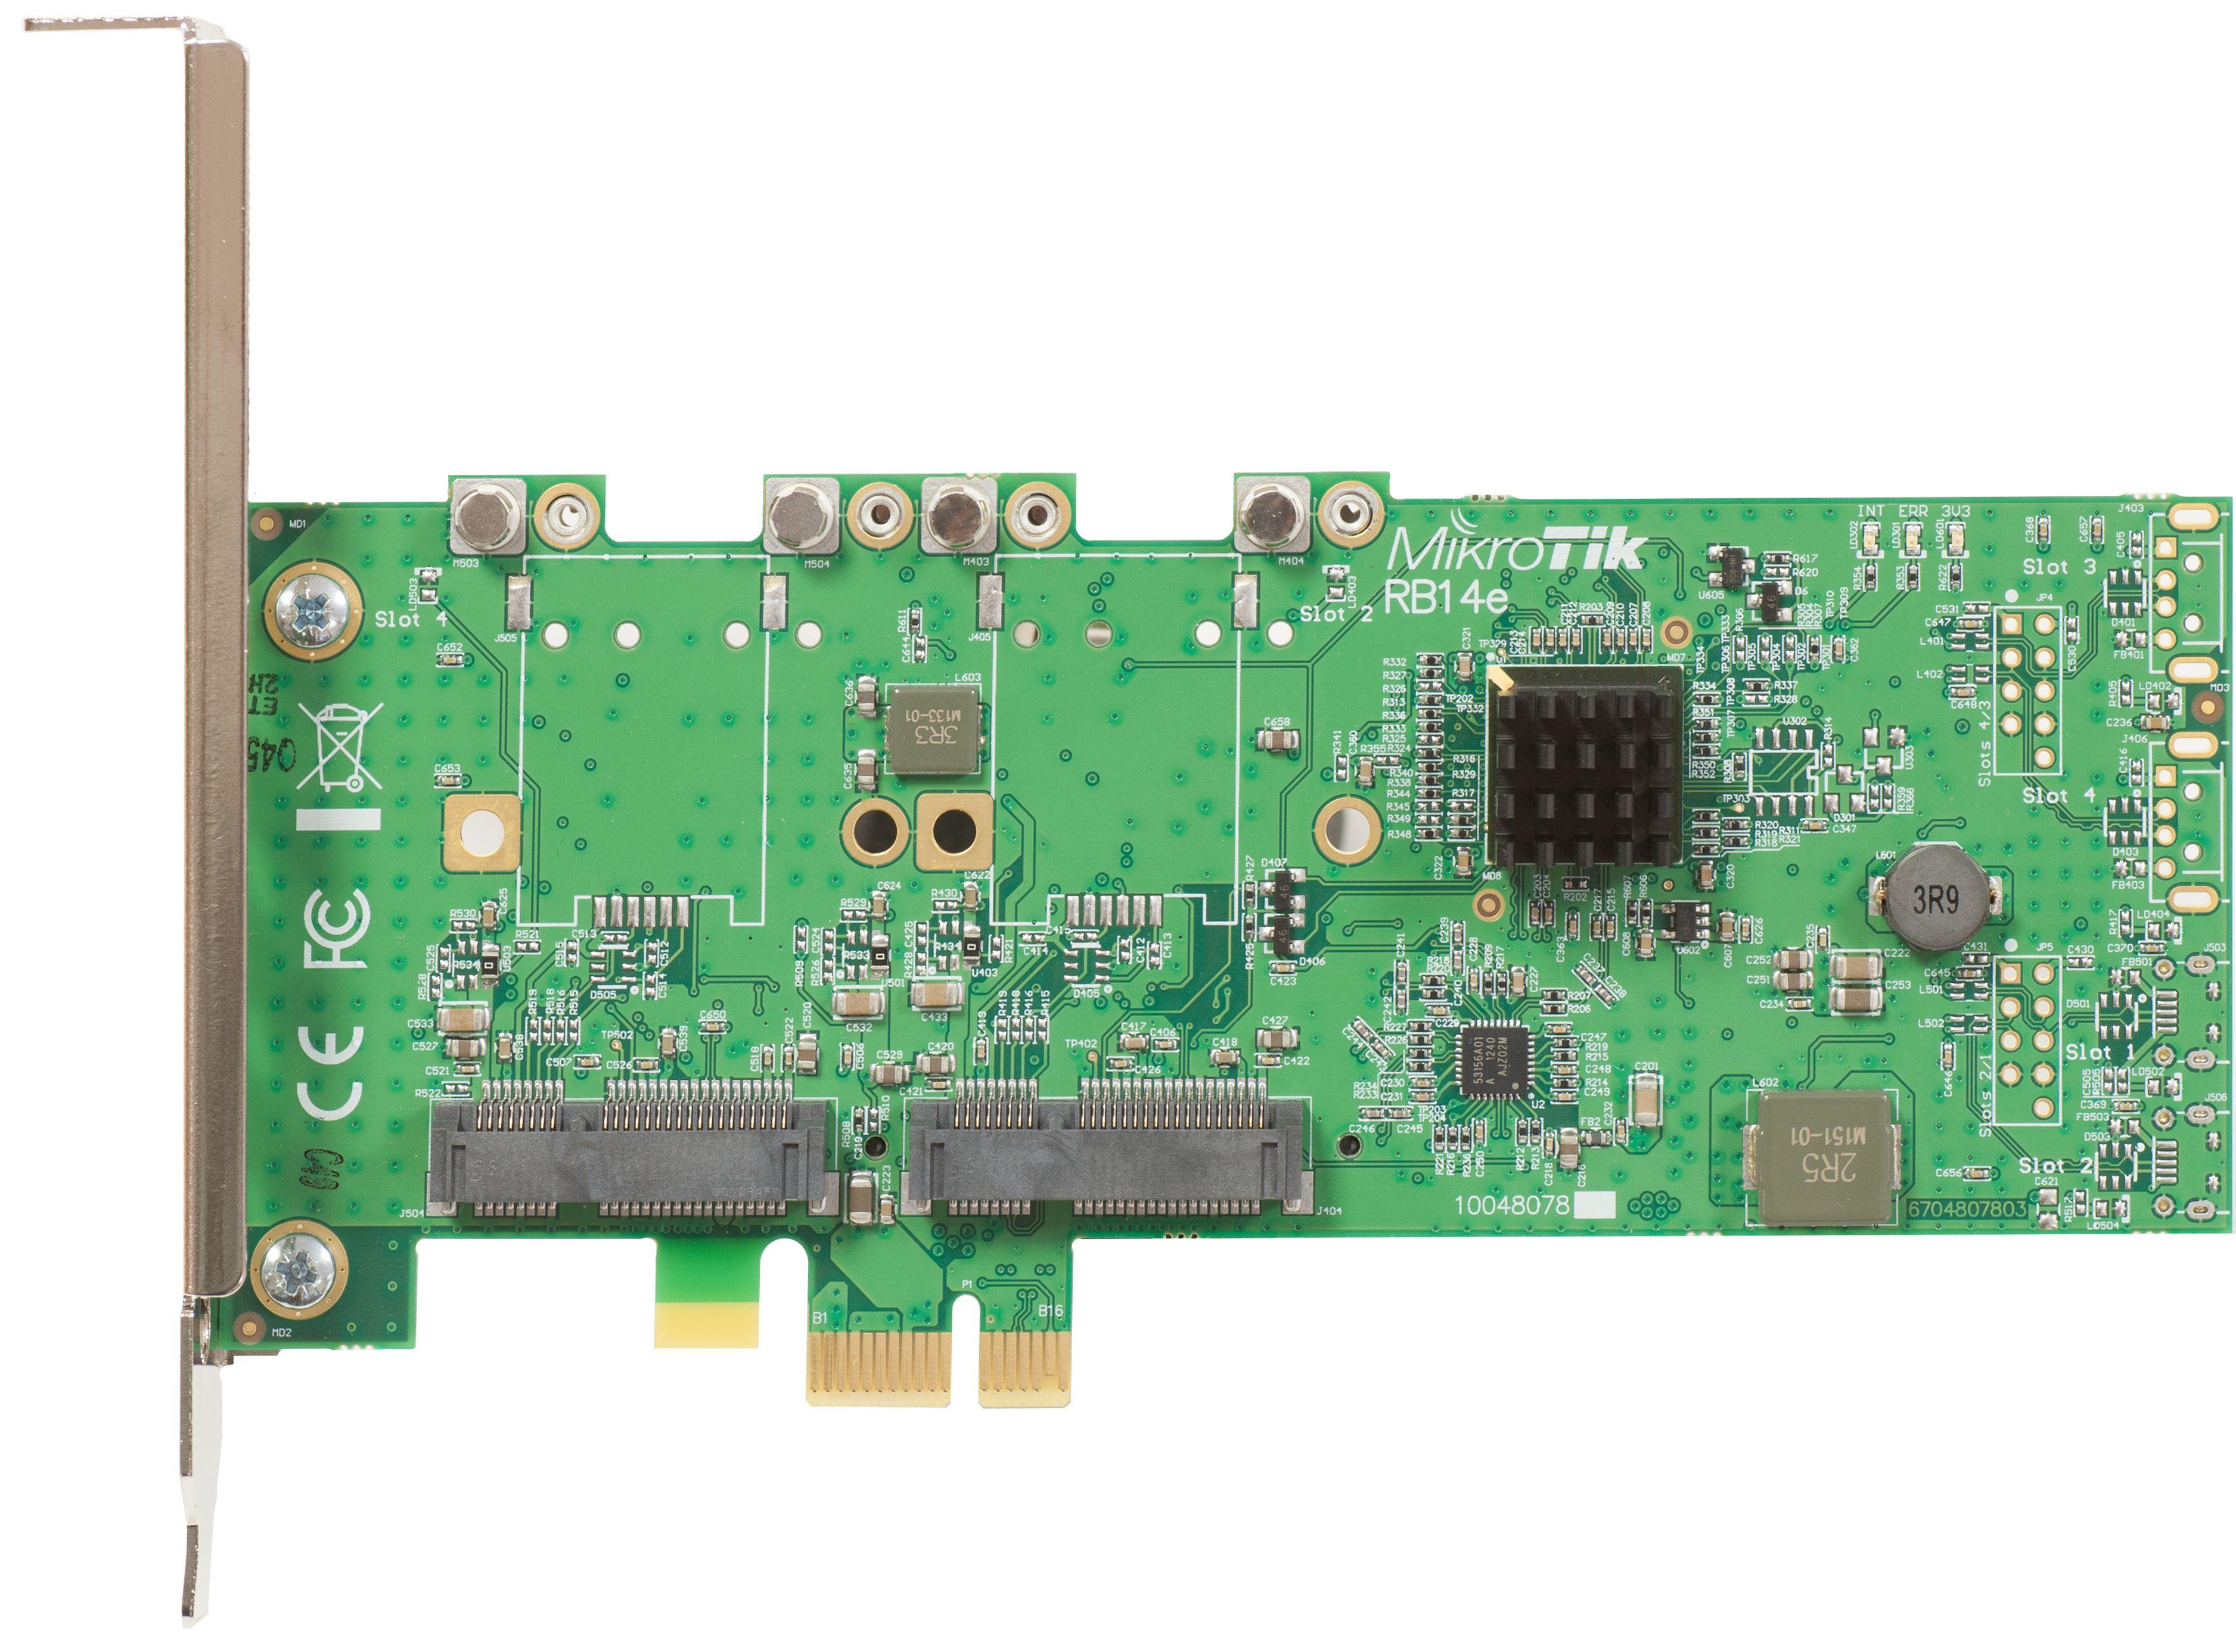 ������� PCI Mikrotik RB14e